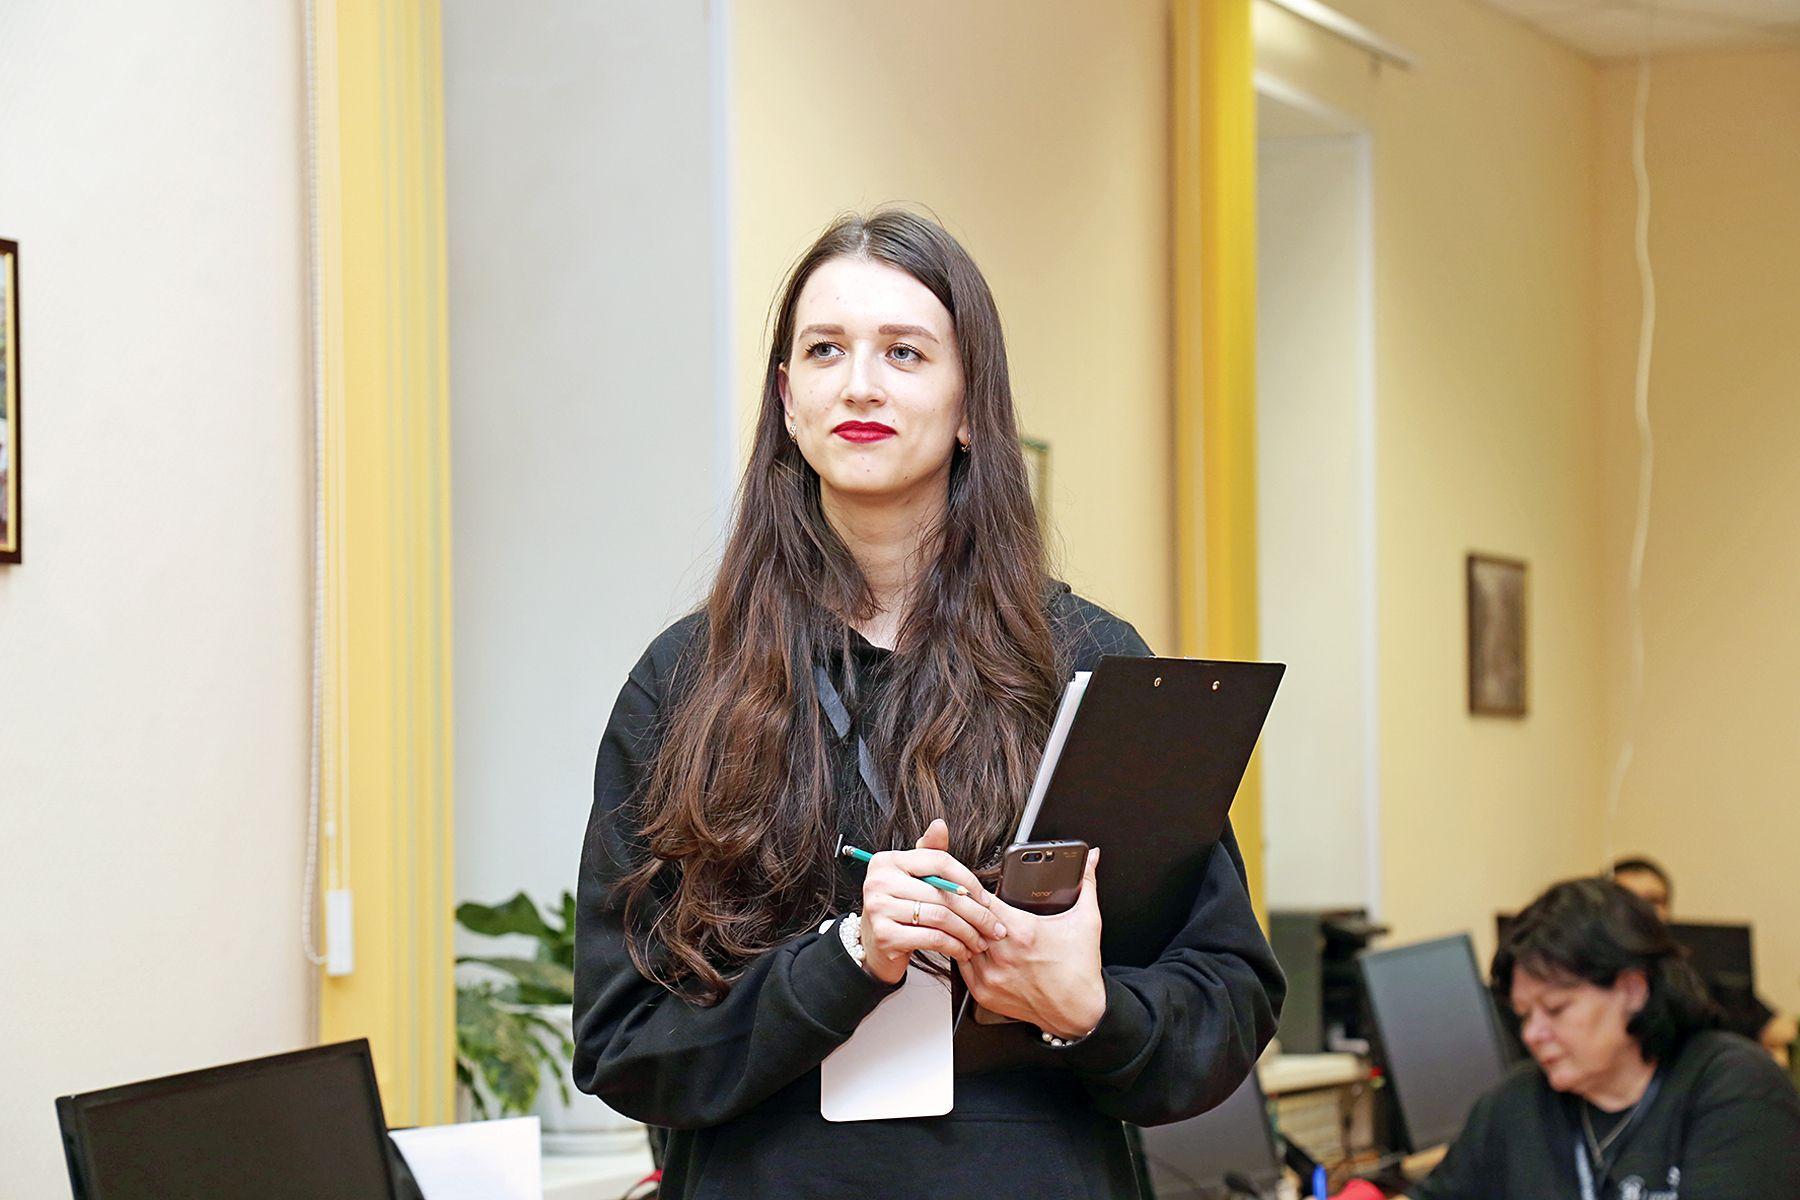 Преподаватель МИТГ Галина Петрова - член комиссии онлайн-конкурса на лучшую экскурсию для иностранных туристов